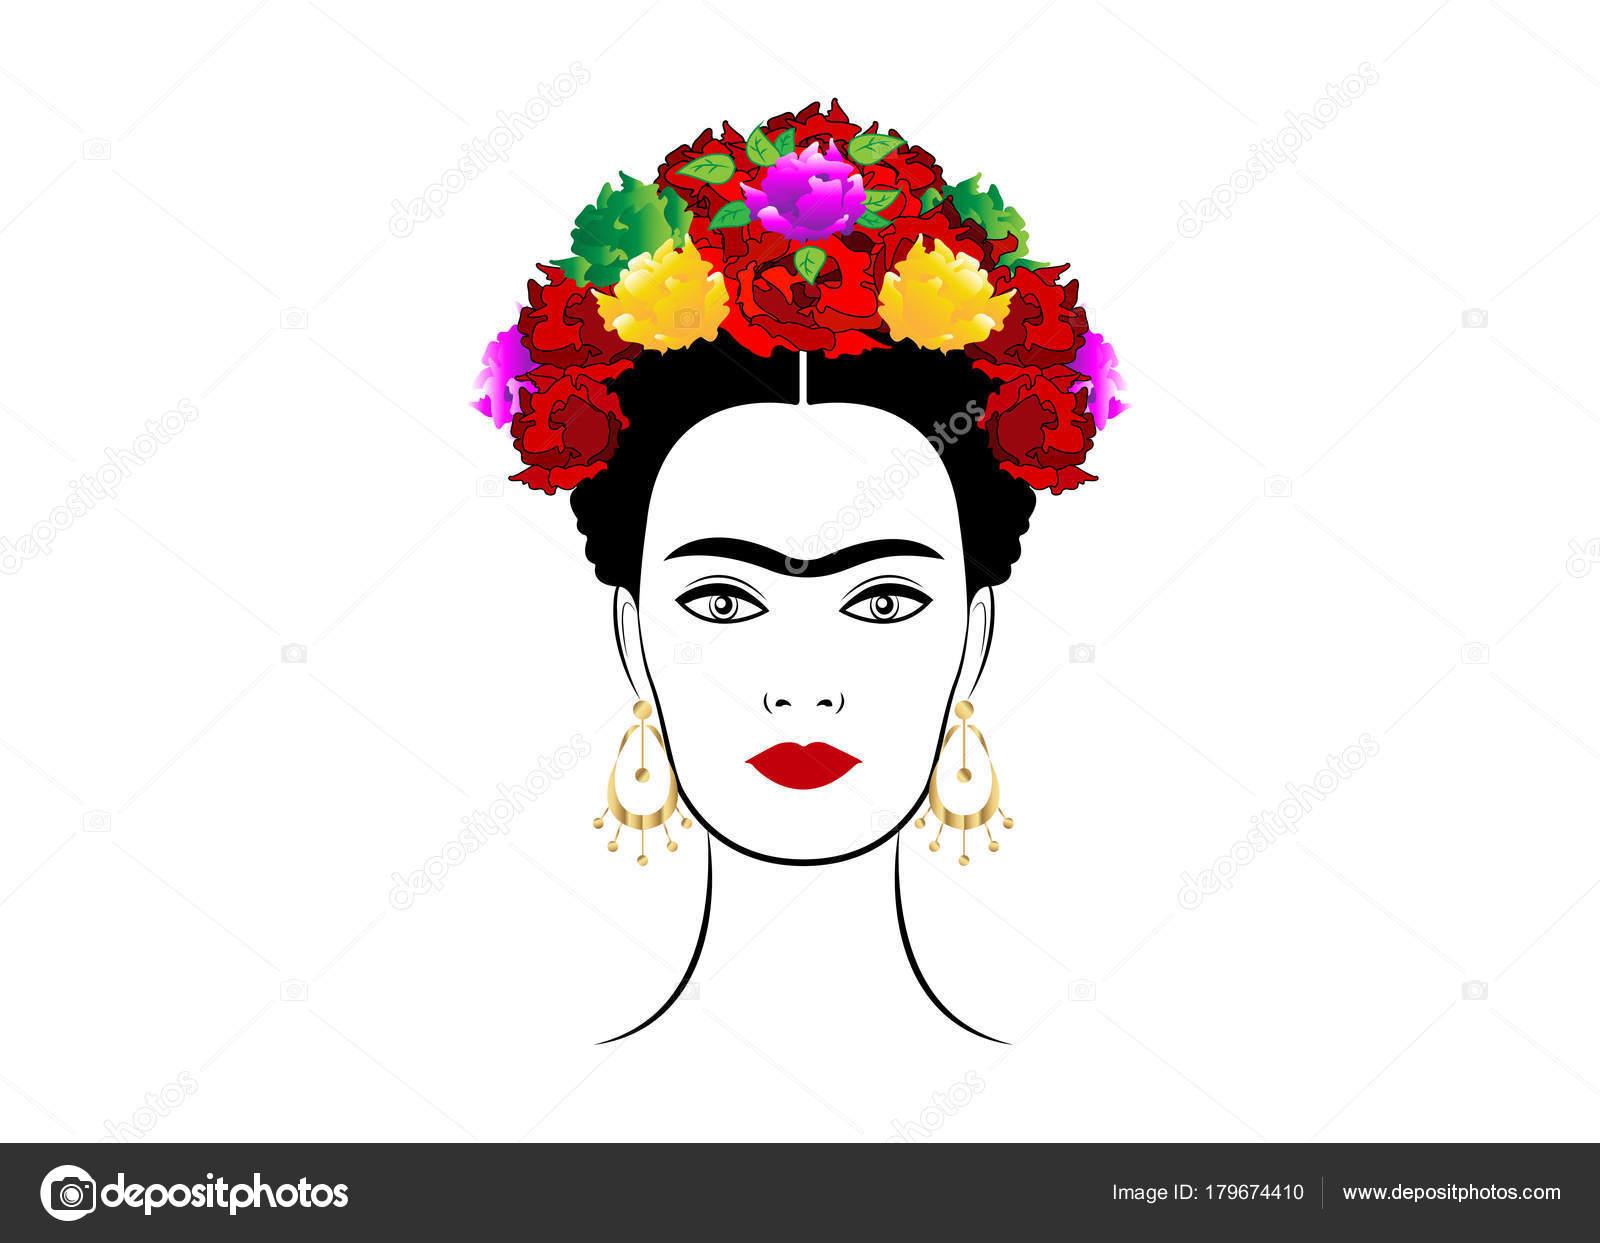 Imagenes De Frida Kahlo Animada Para Colorear: Portrait De Vecteur De Frida Kahlo, Belle Jeune Femme